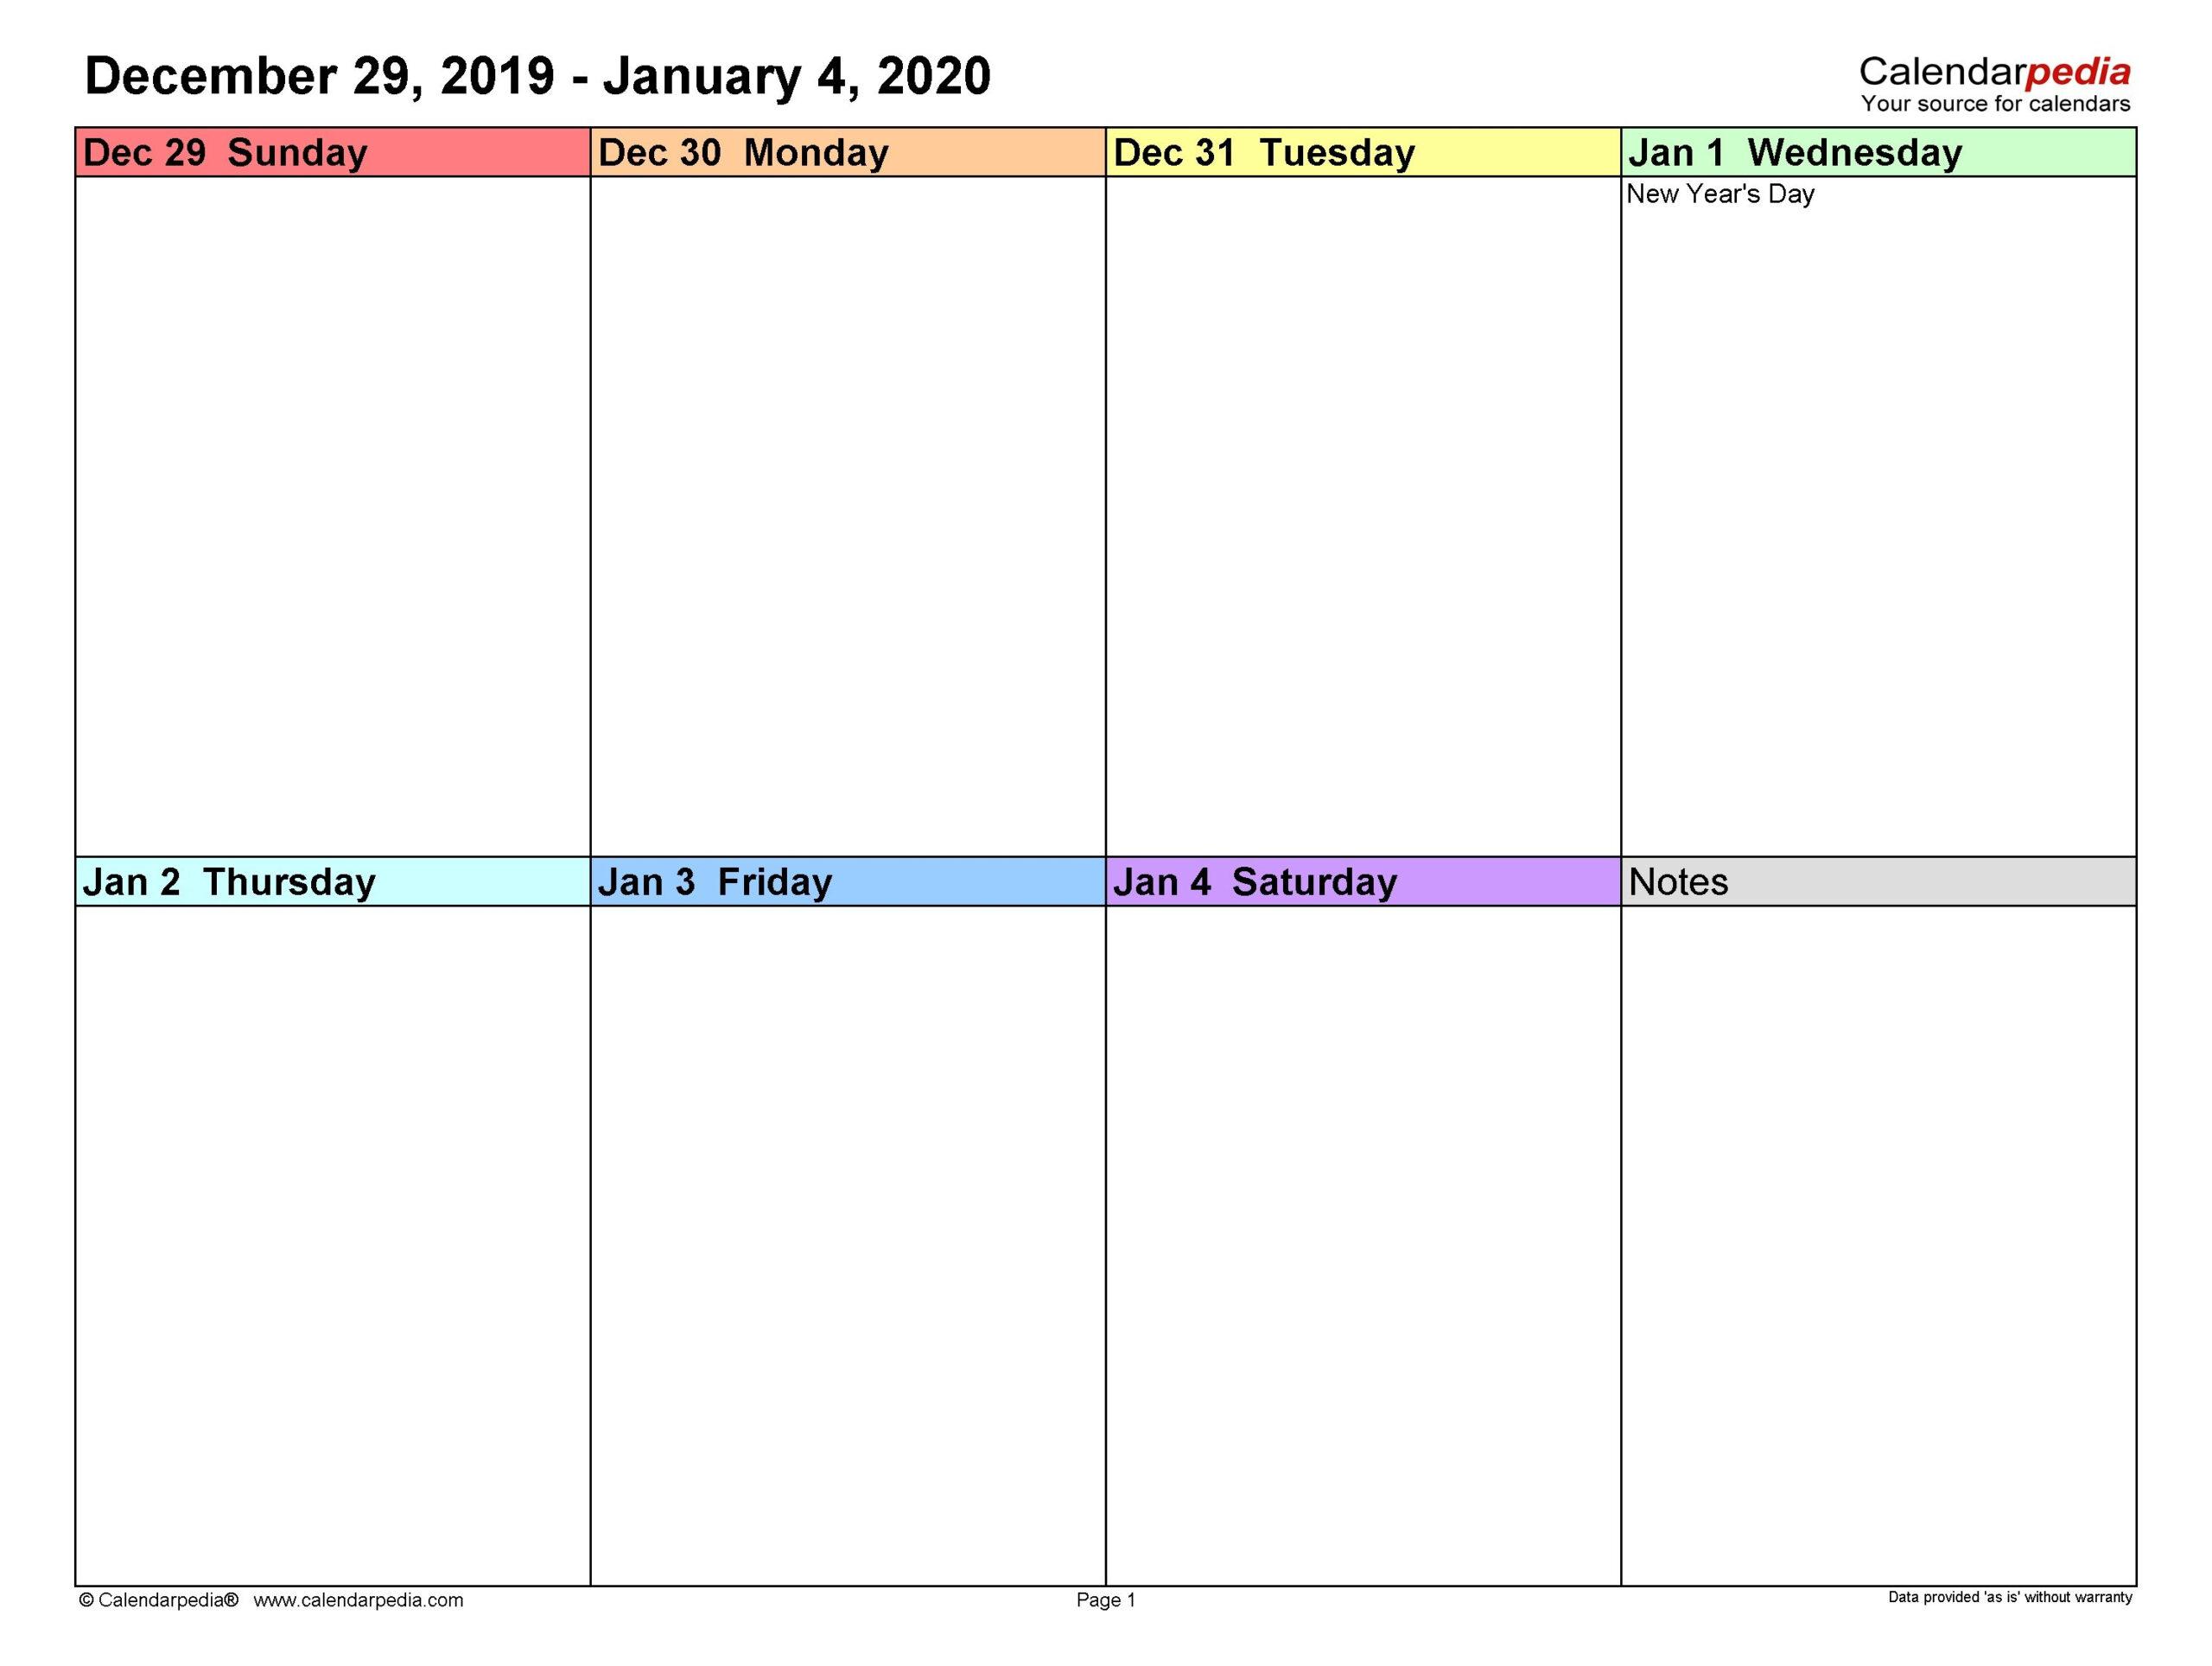 Universal Blank 2 Week Calendar In 2020 | Weekly Calendar with regard to 2 Week Blank Calendar